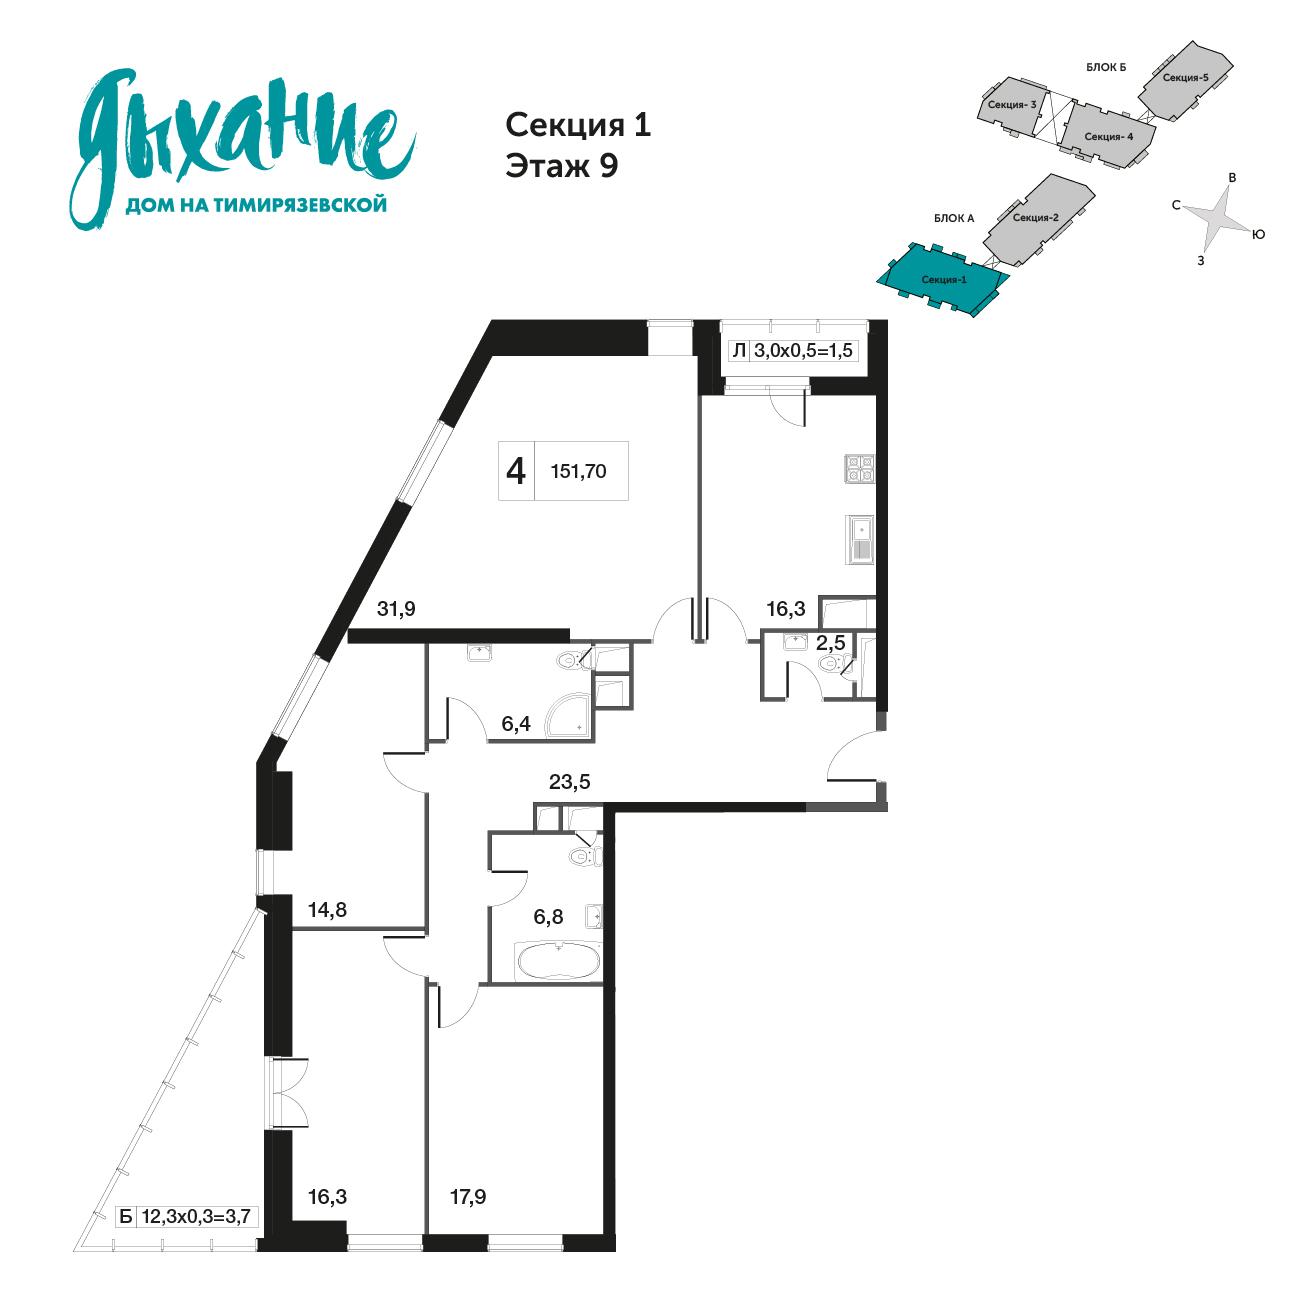 4-комнатная квартира, 141.6м² за 40,3 млн руб.